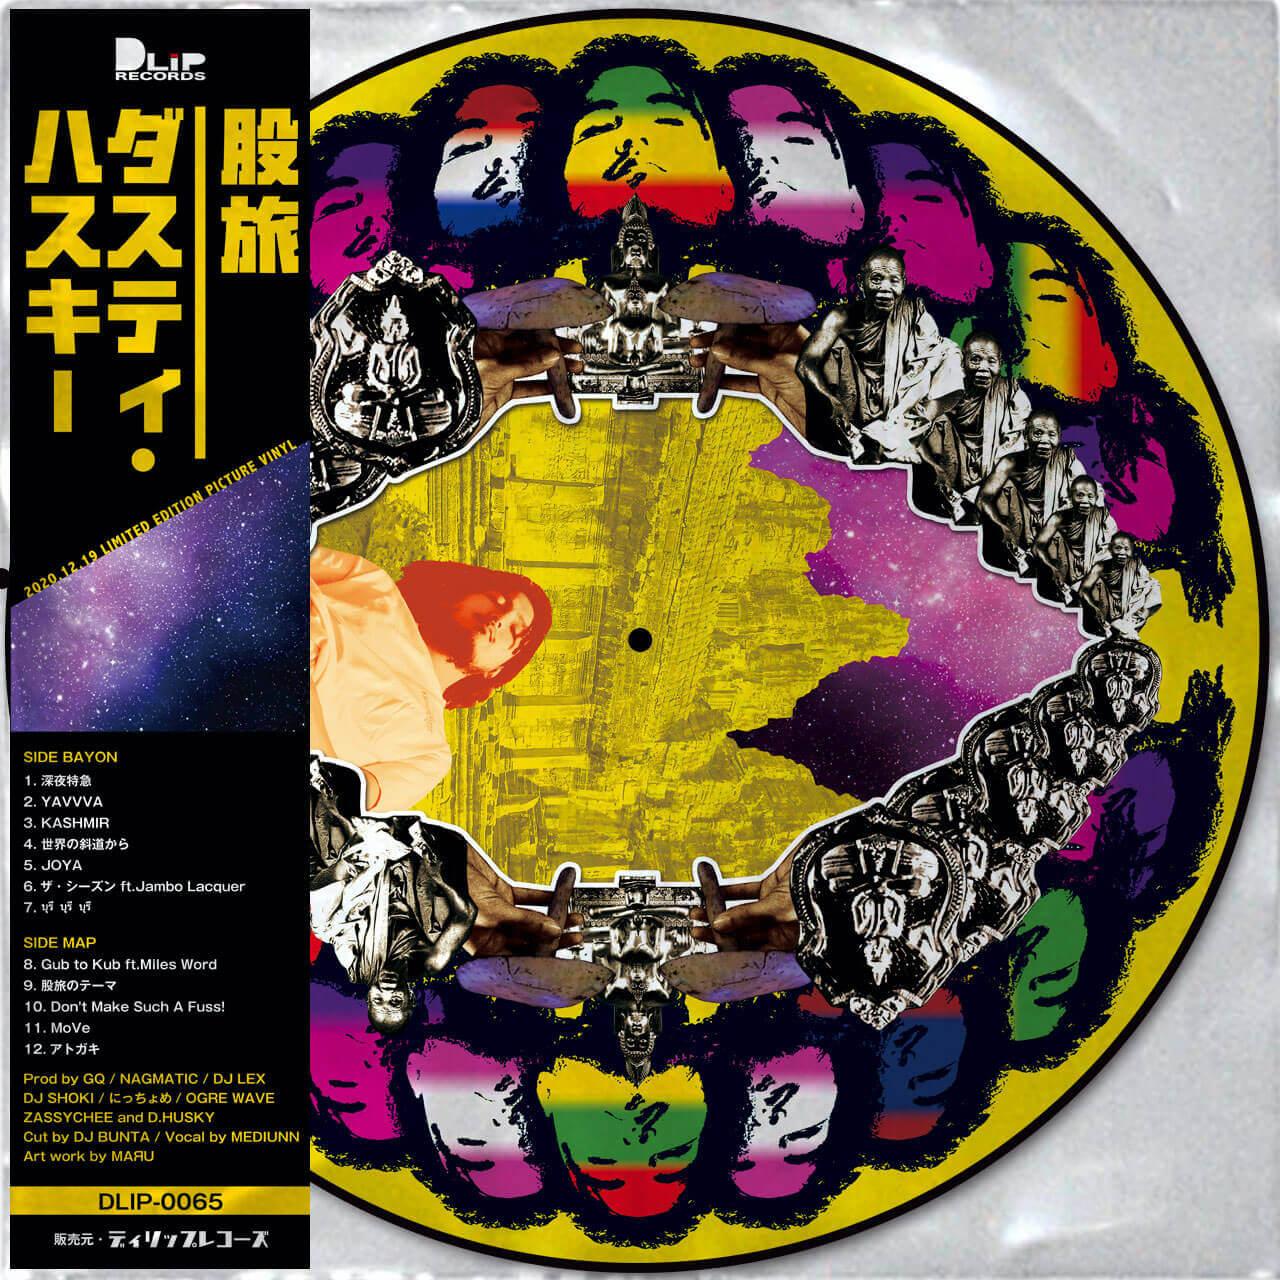 共にいる人たちへの郷愁──股旅(DUSTY HUSKY × DJ SHOKI × にっちょめ)、インタビュー interview2106-matatabi-dliprecords-15